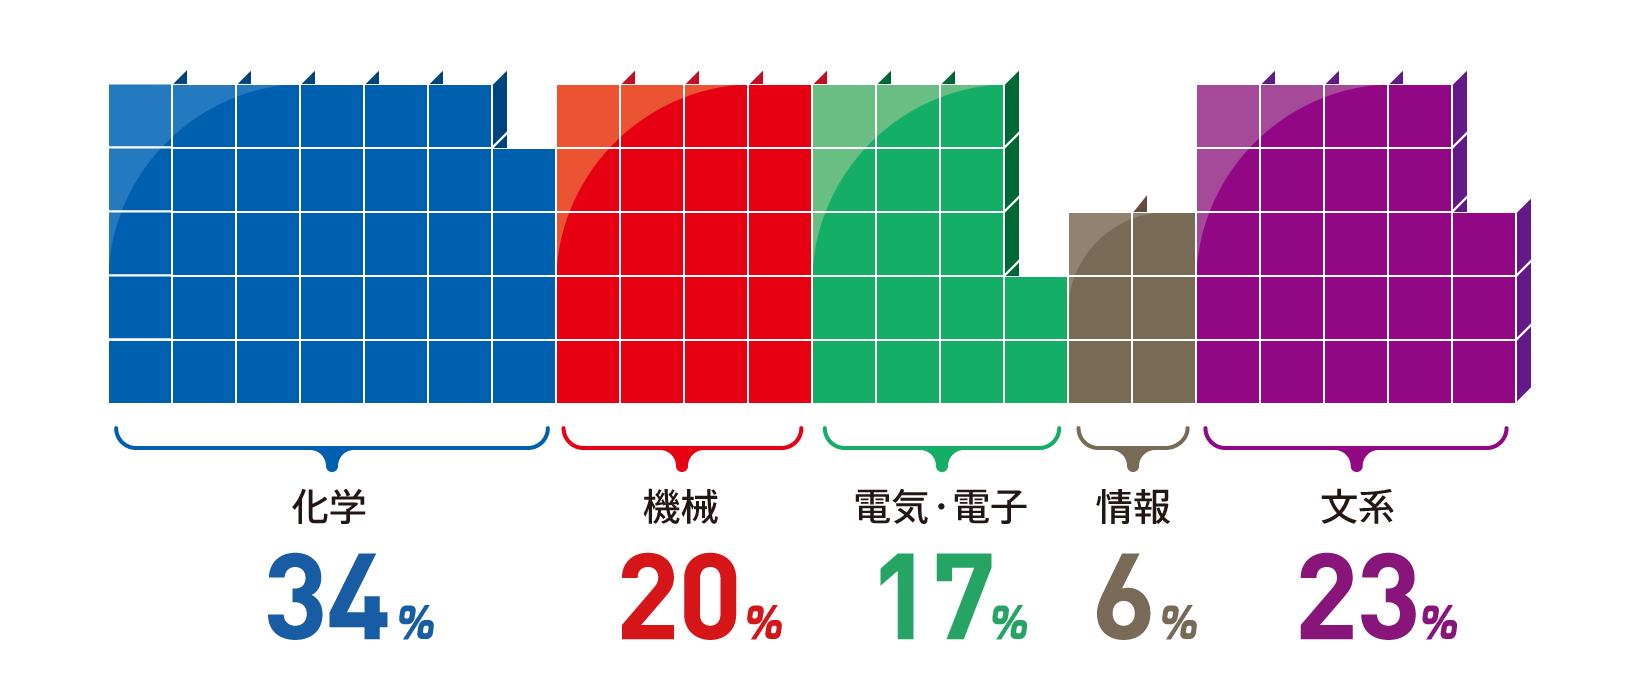 化学:34% 機械:20% 電気・電子:17% 情報:6% 文系 :23%